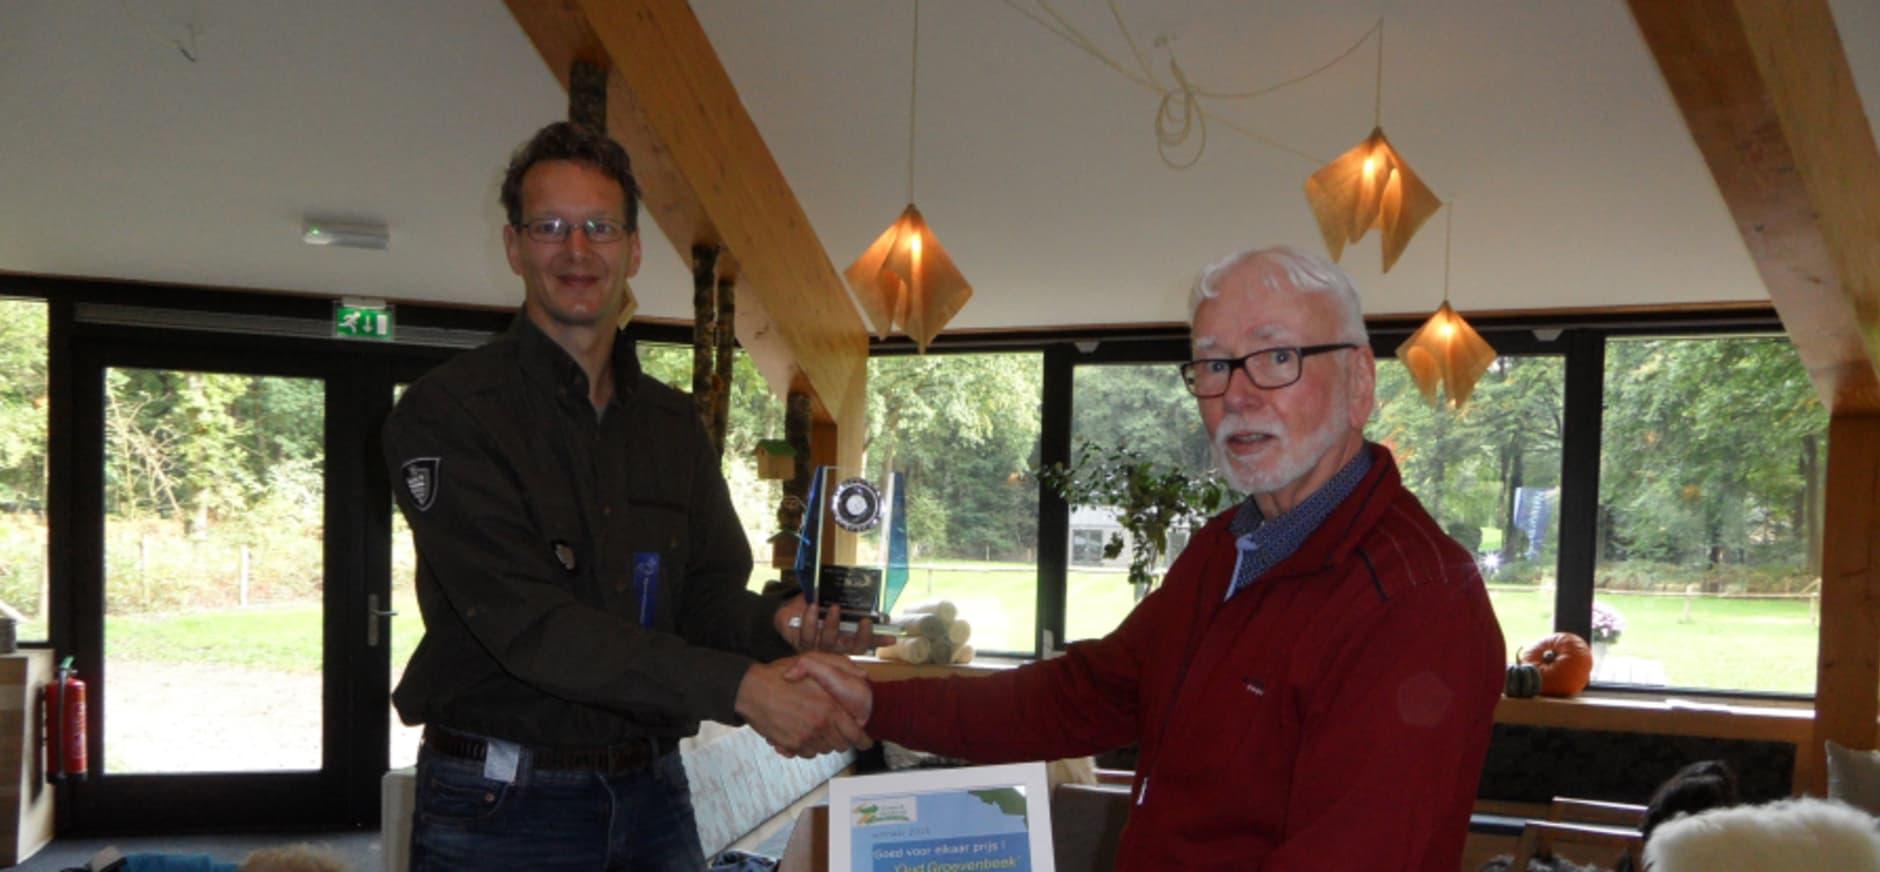 Goed voor elkaar-prijs naar route Oud Groevenbeek